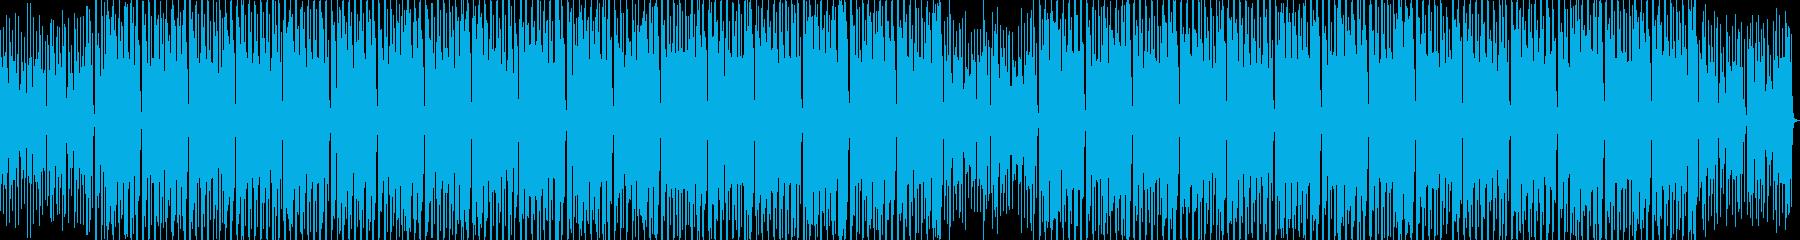 緩やかだけど力強いディスコHOUSEの再生済みの波形